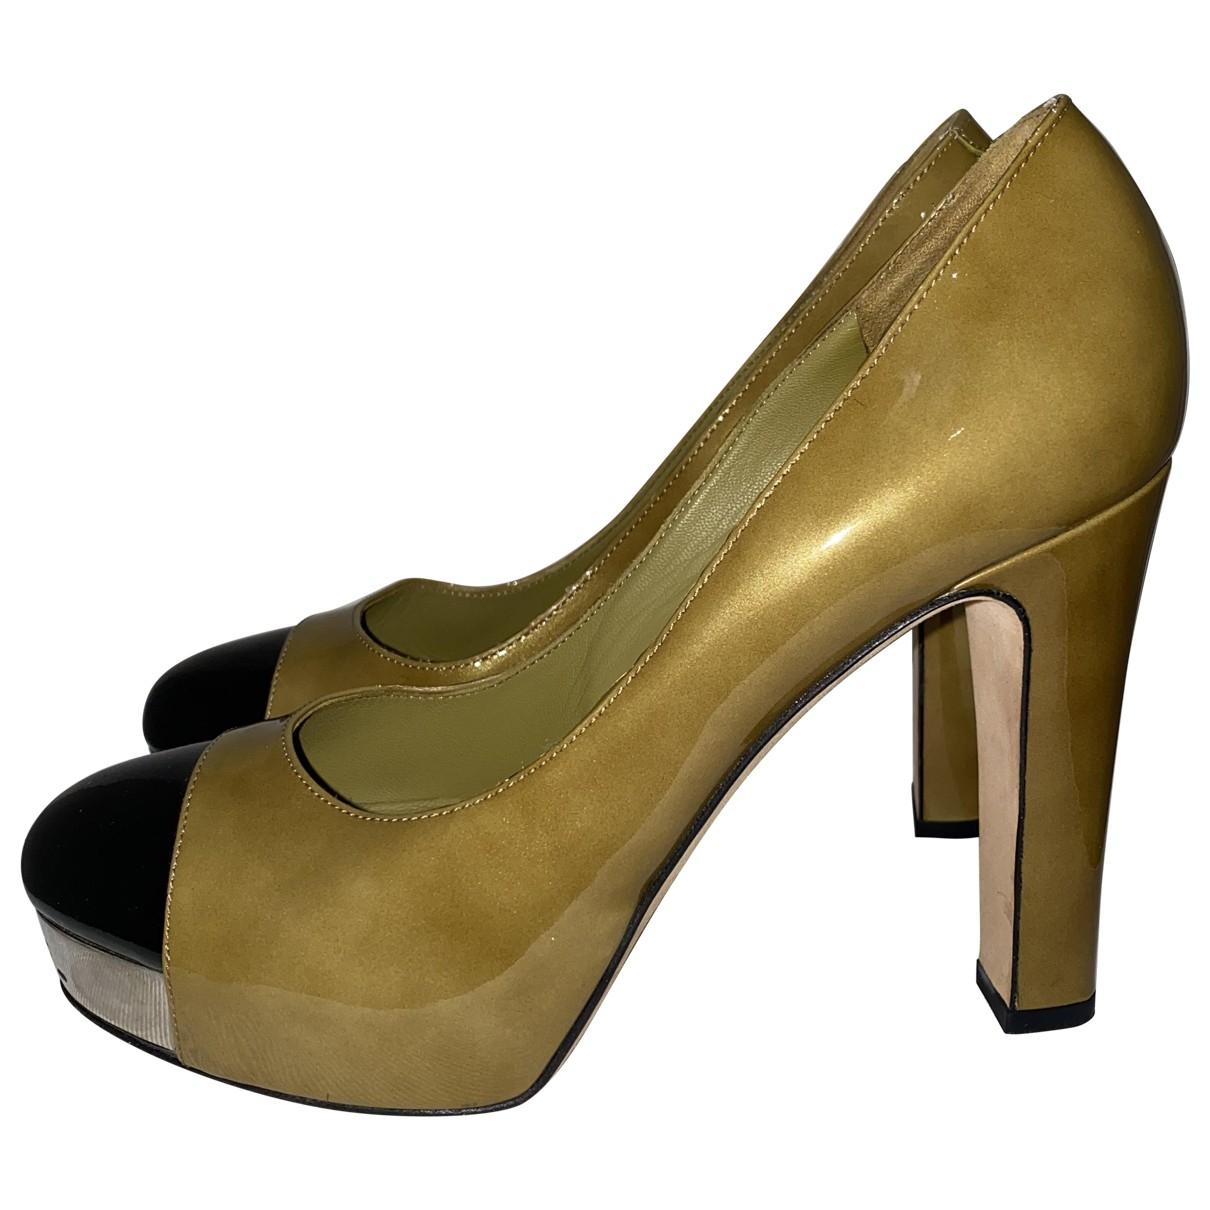 Chanel - Escarpins   pour femme en cuir verni - kaki